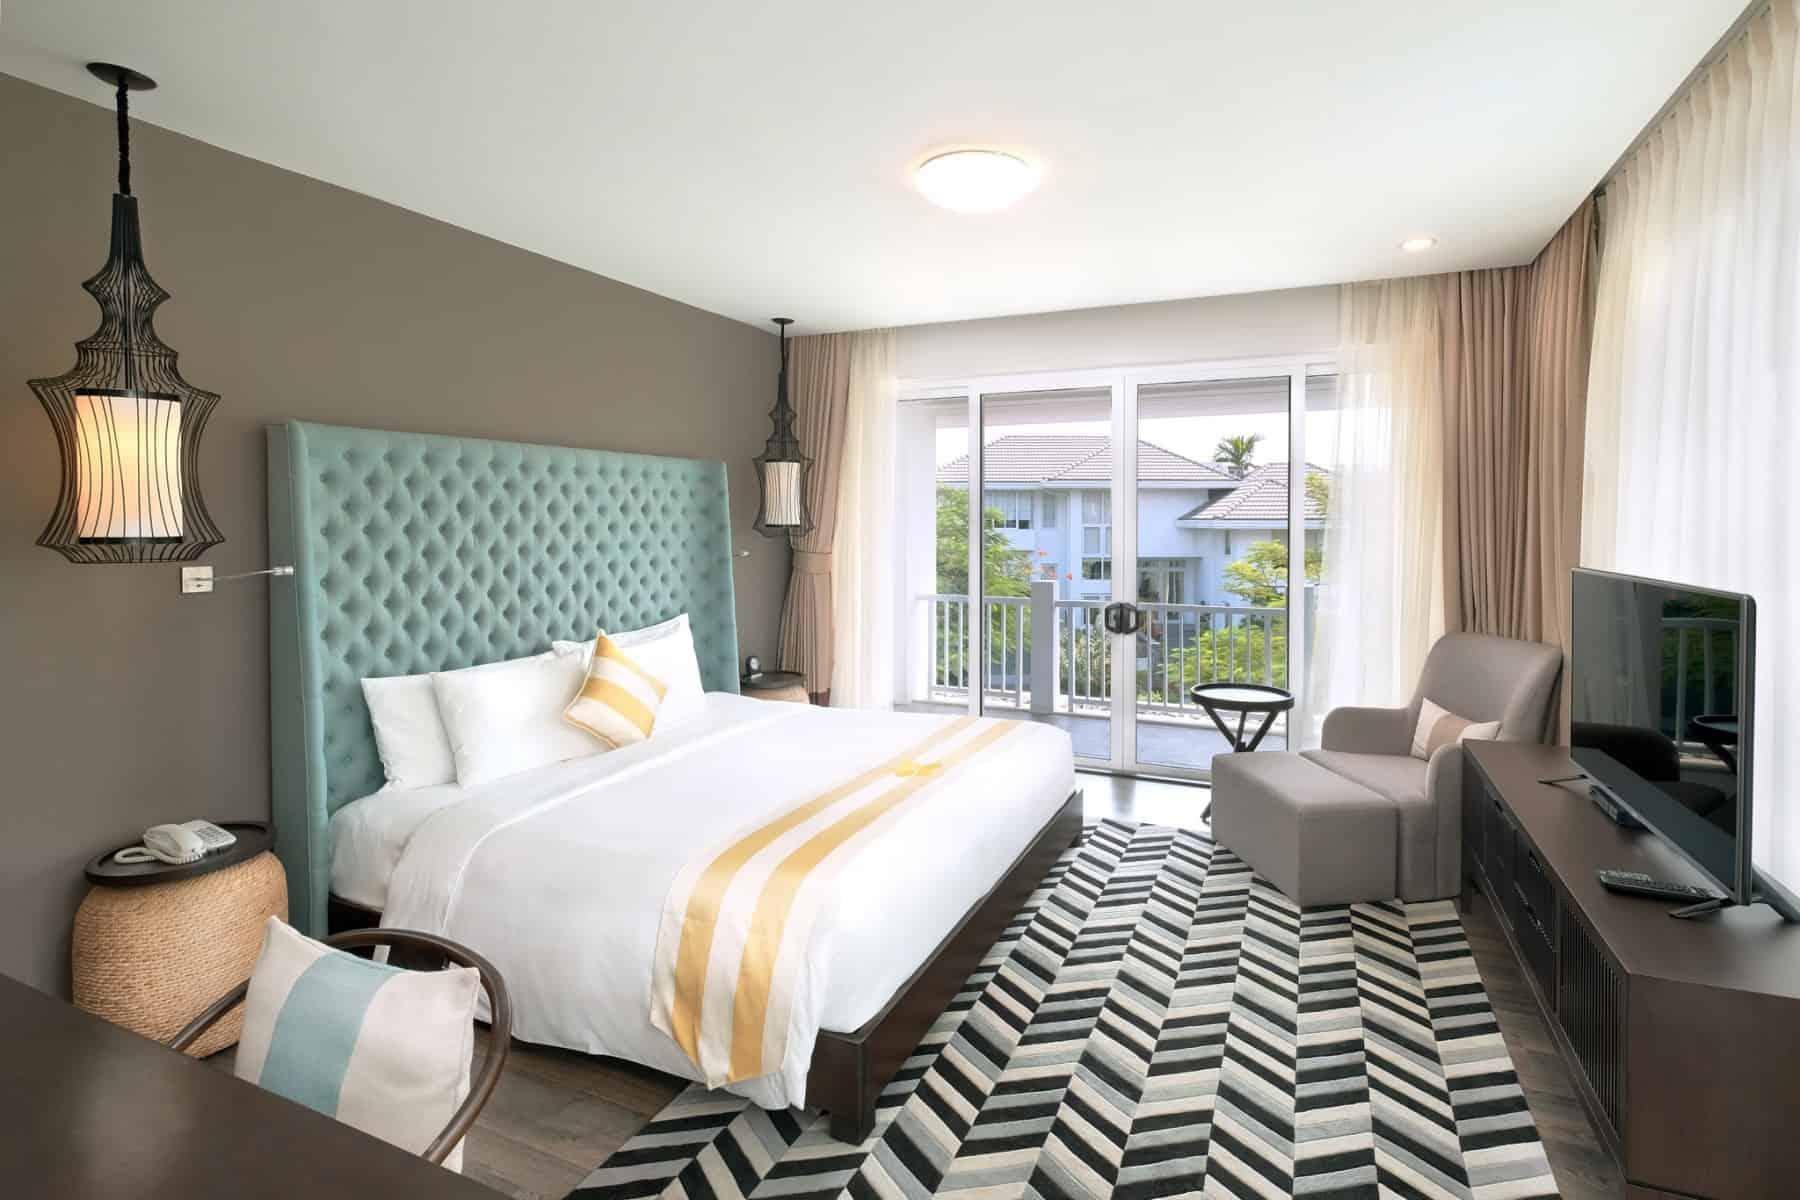 Phòng ngủ lớn được trang bị tiện nghi hiện đại, sang trọng